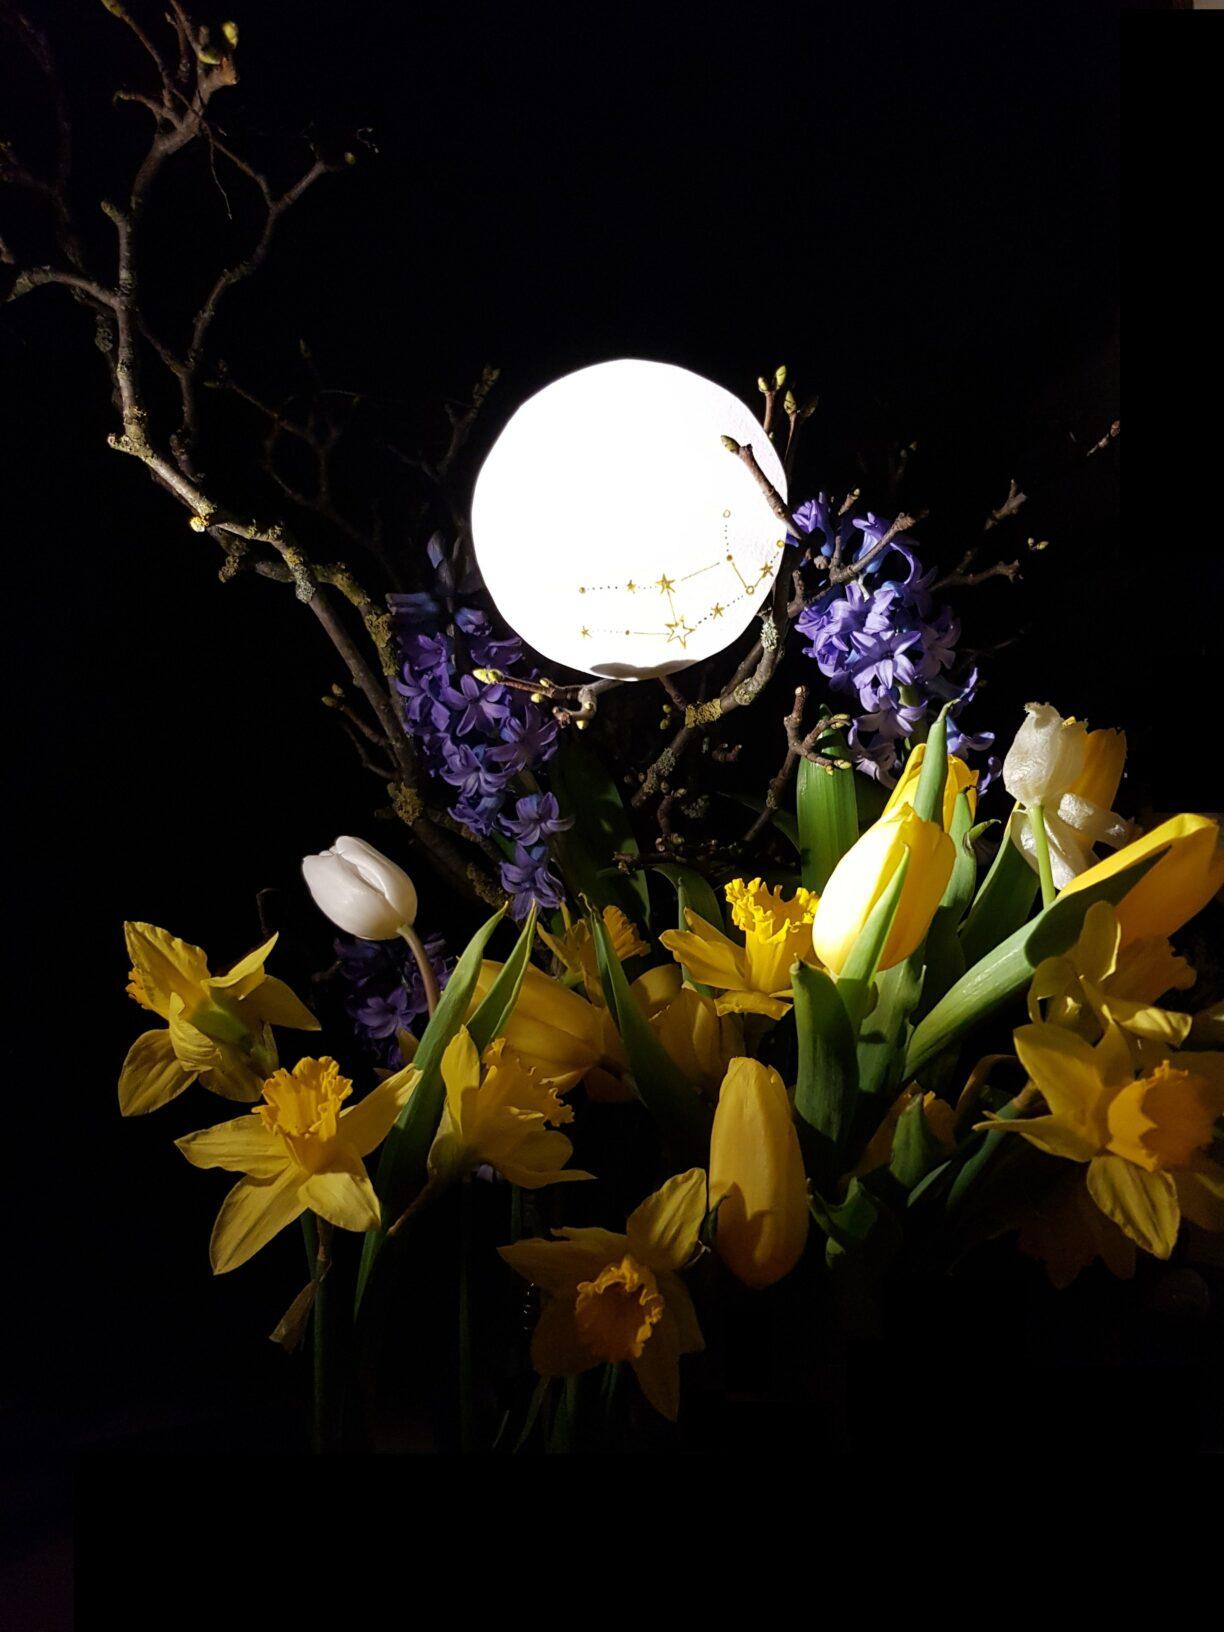 March Full Moon, digital image for Lunascope Newsletter 2018